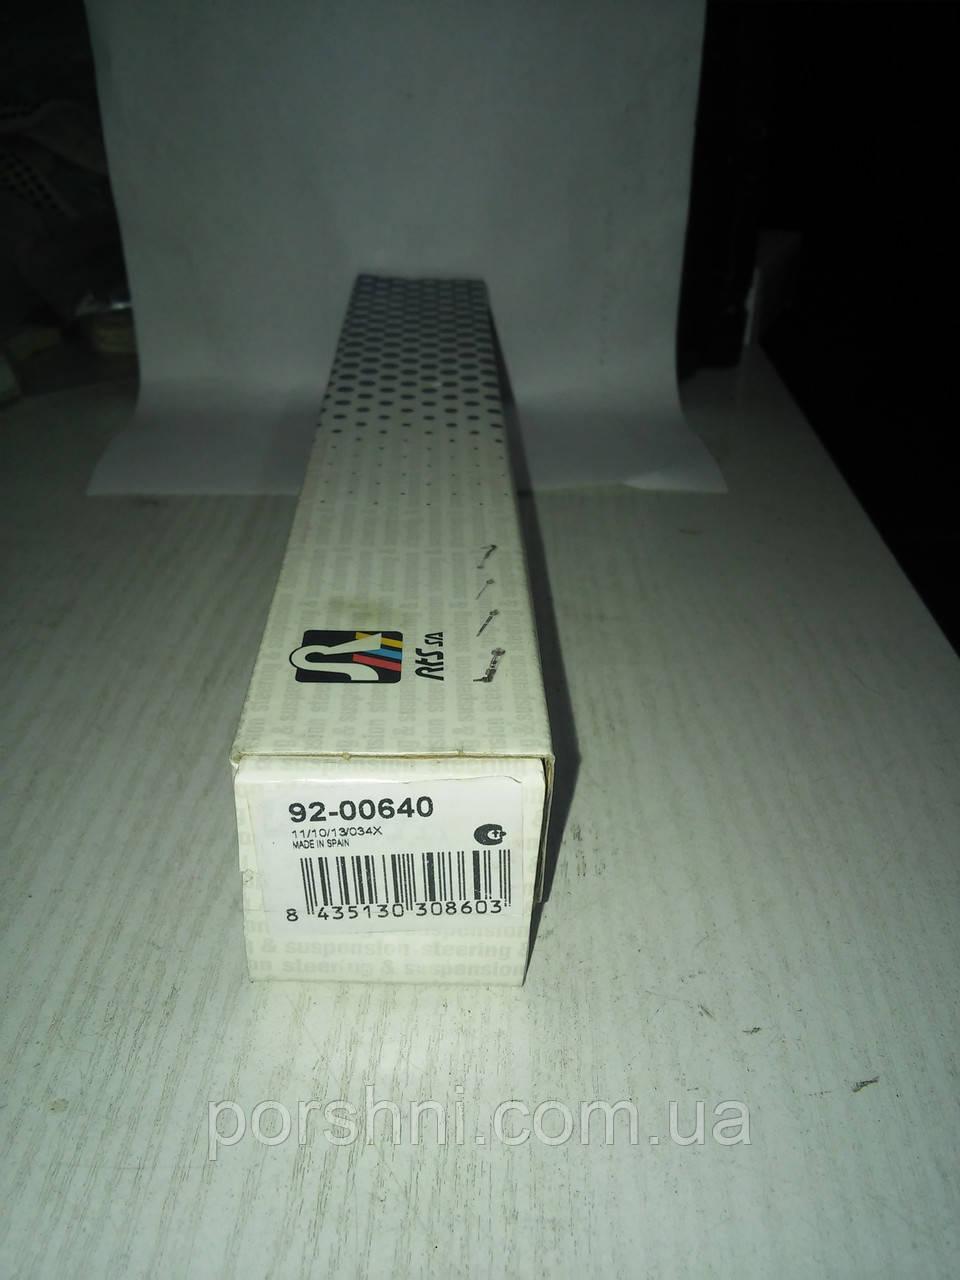 Рулевая  тяга Ford Sierra  RTS 92.00640